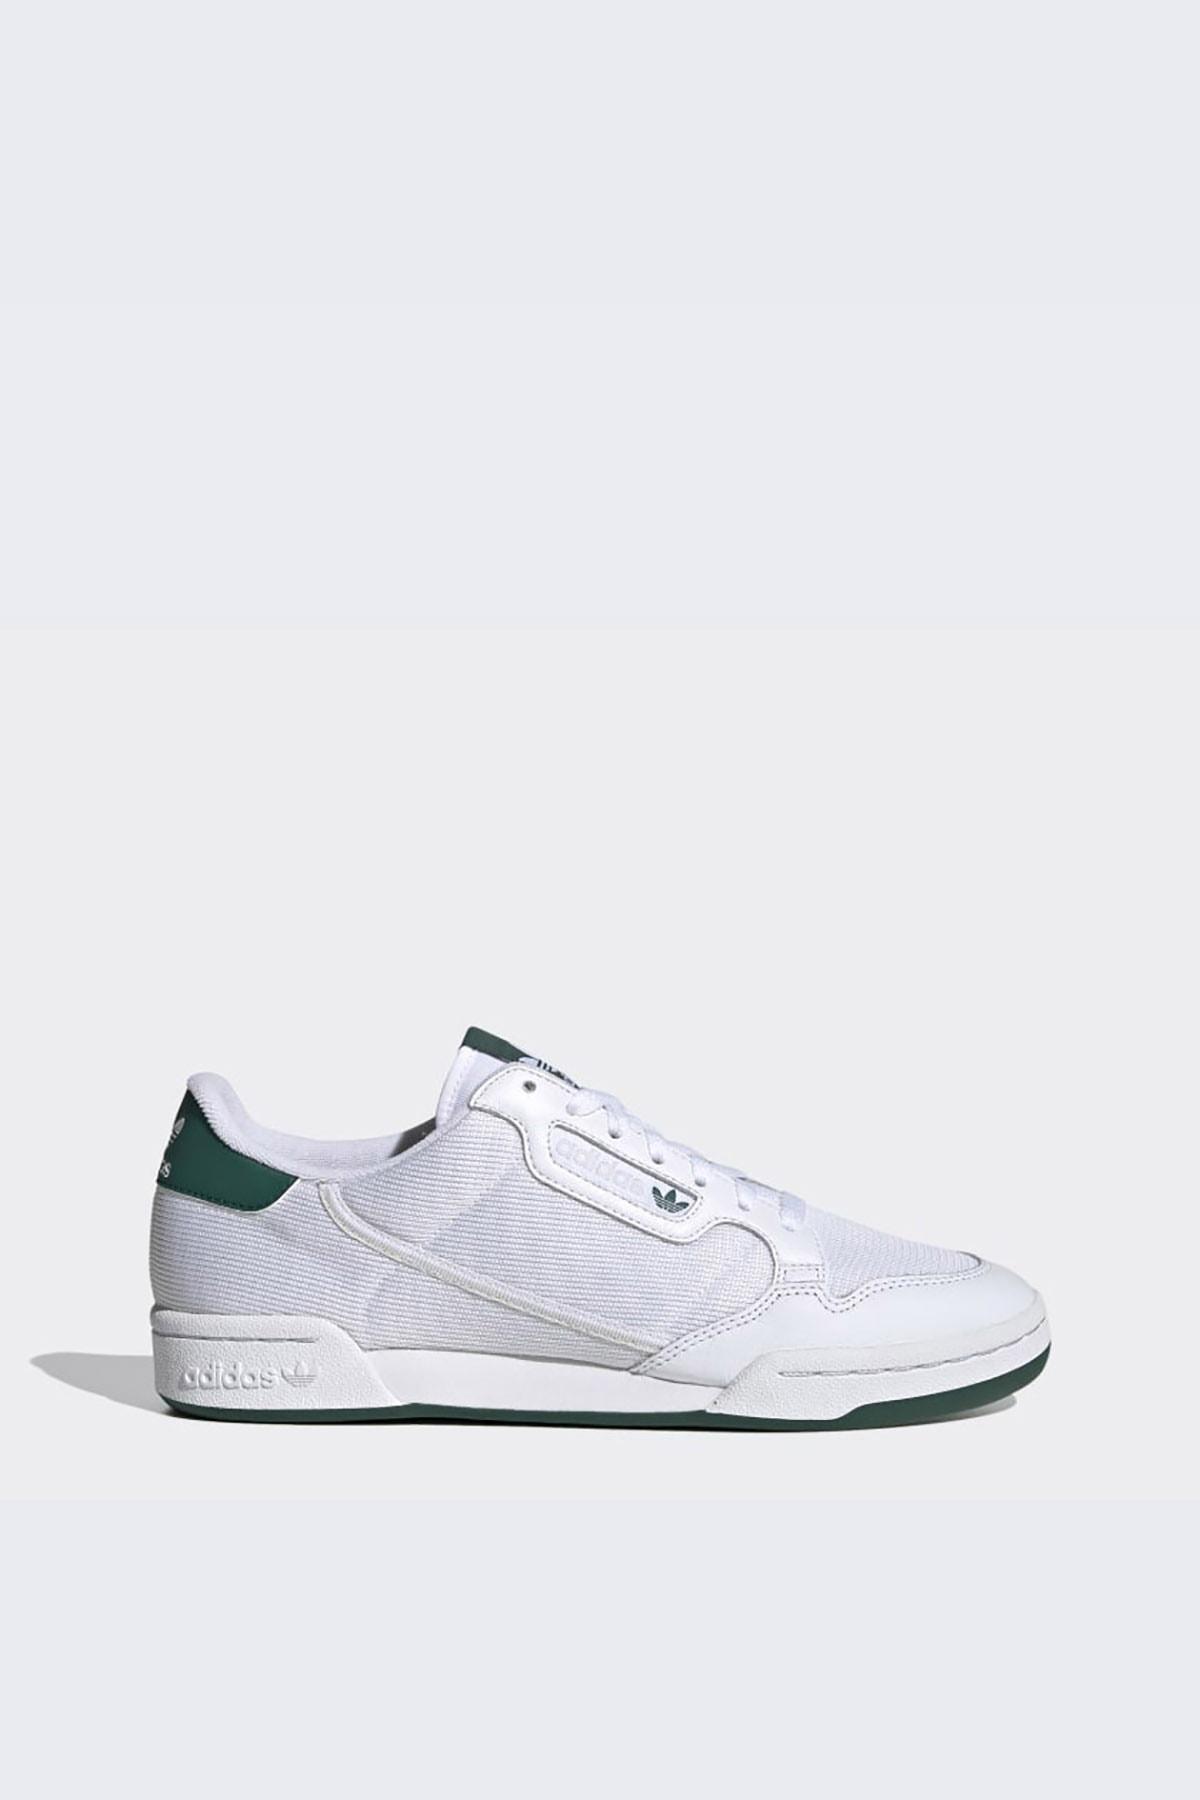 adidas Erkek Günlük Spor Ayakkabı Continental 80 Ef5995 1